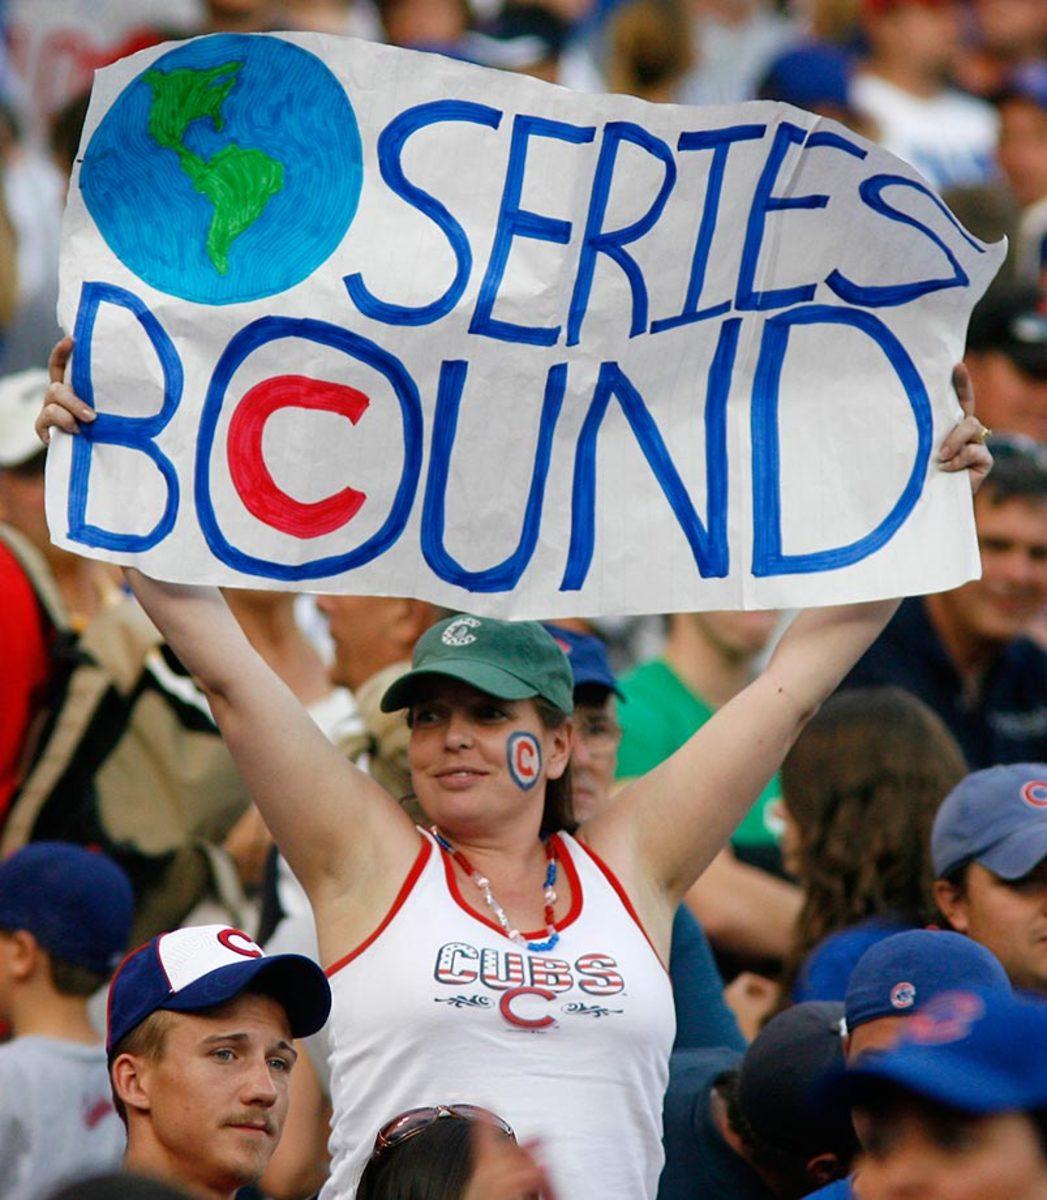 2007-Cubs-Reds-Baseball.jpg